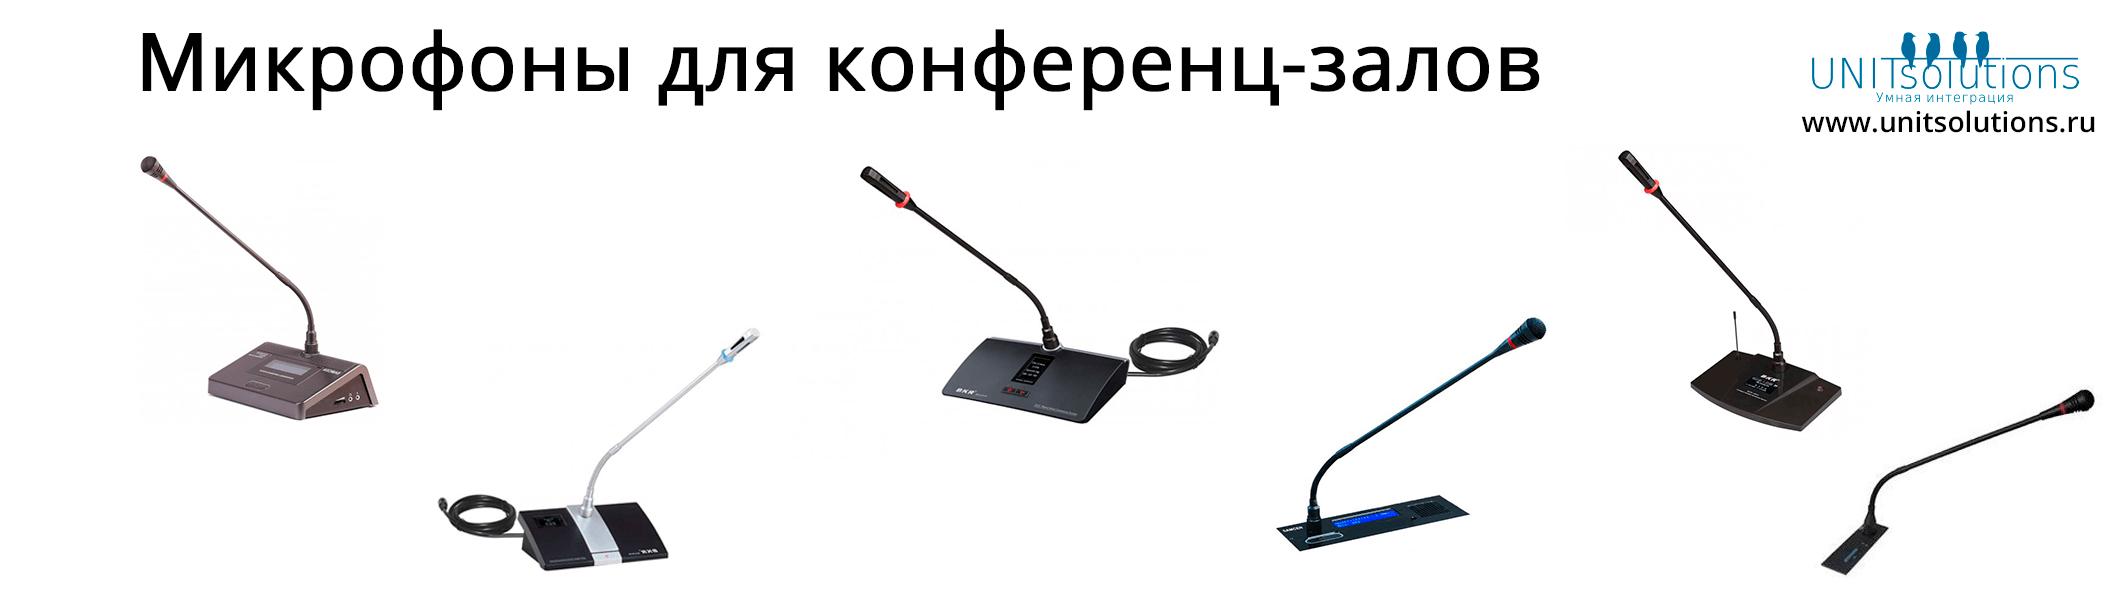 микрофон на гусиной шее для конференций